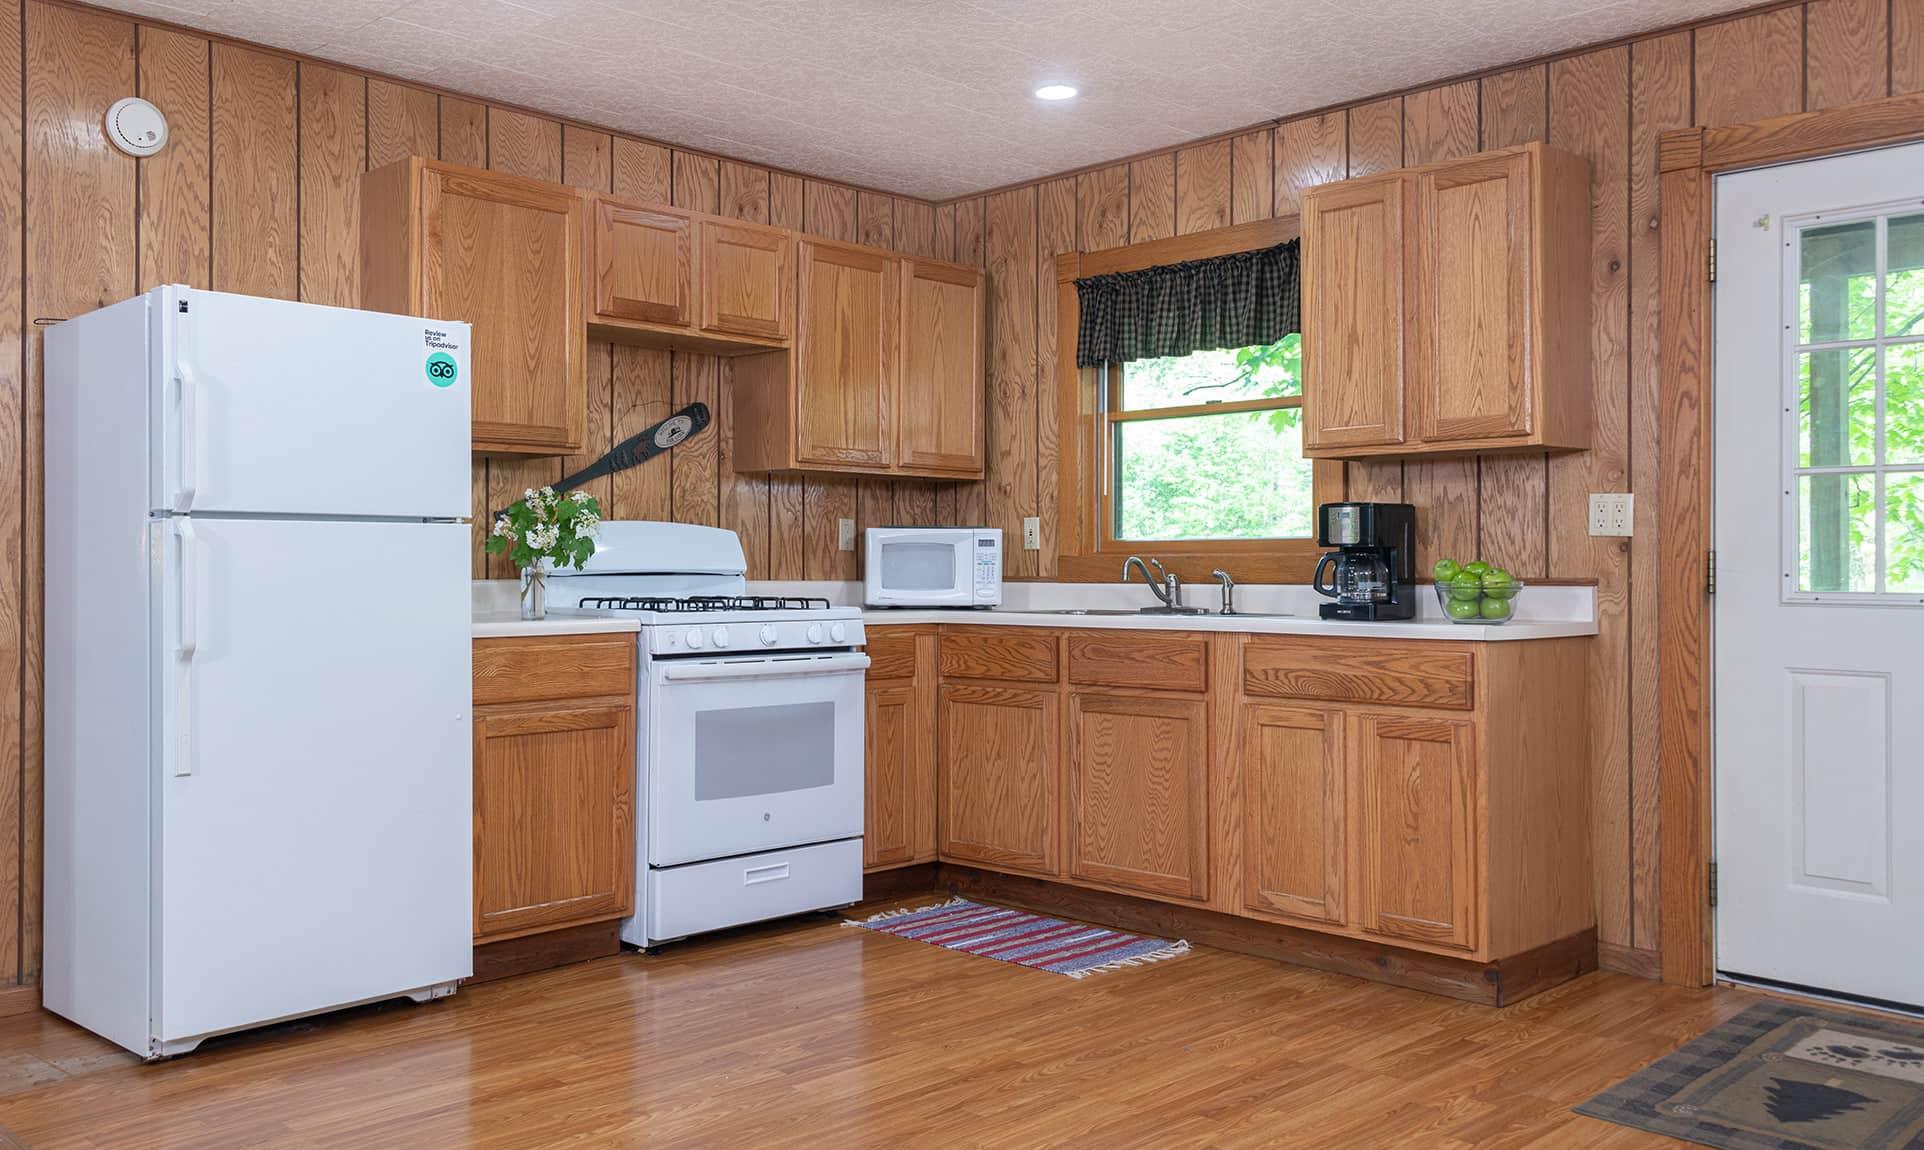 Wilderness Cabin kitchen - Starved Rock lodging in Illinois